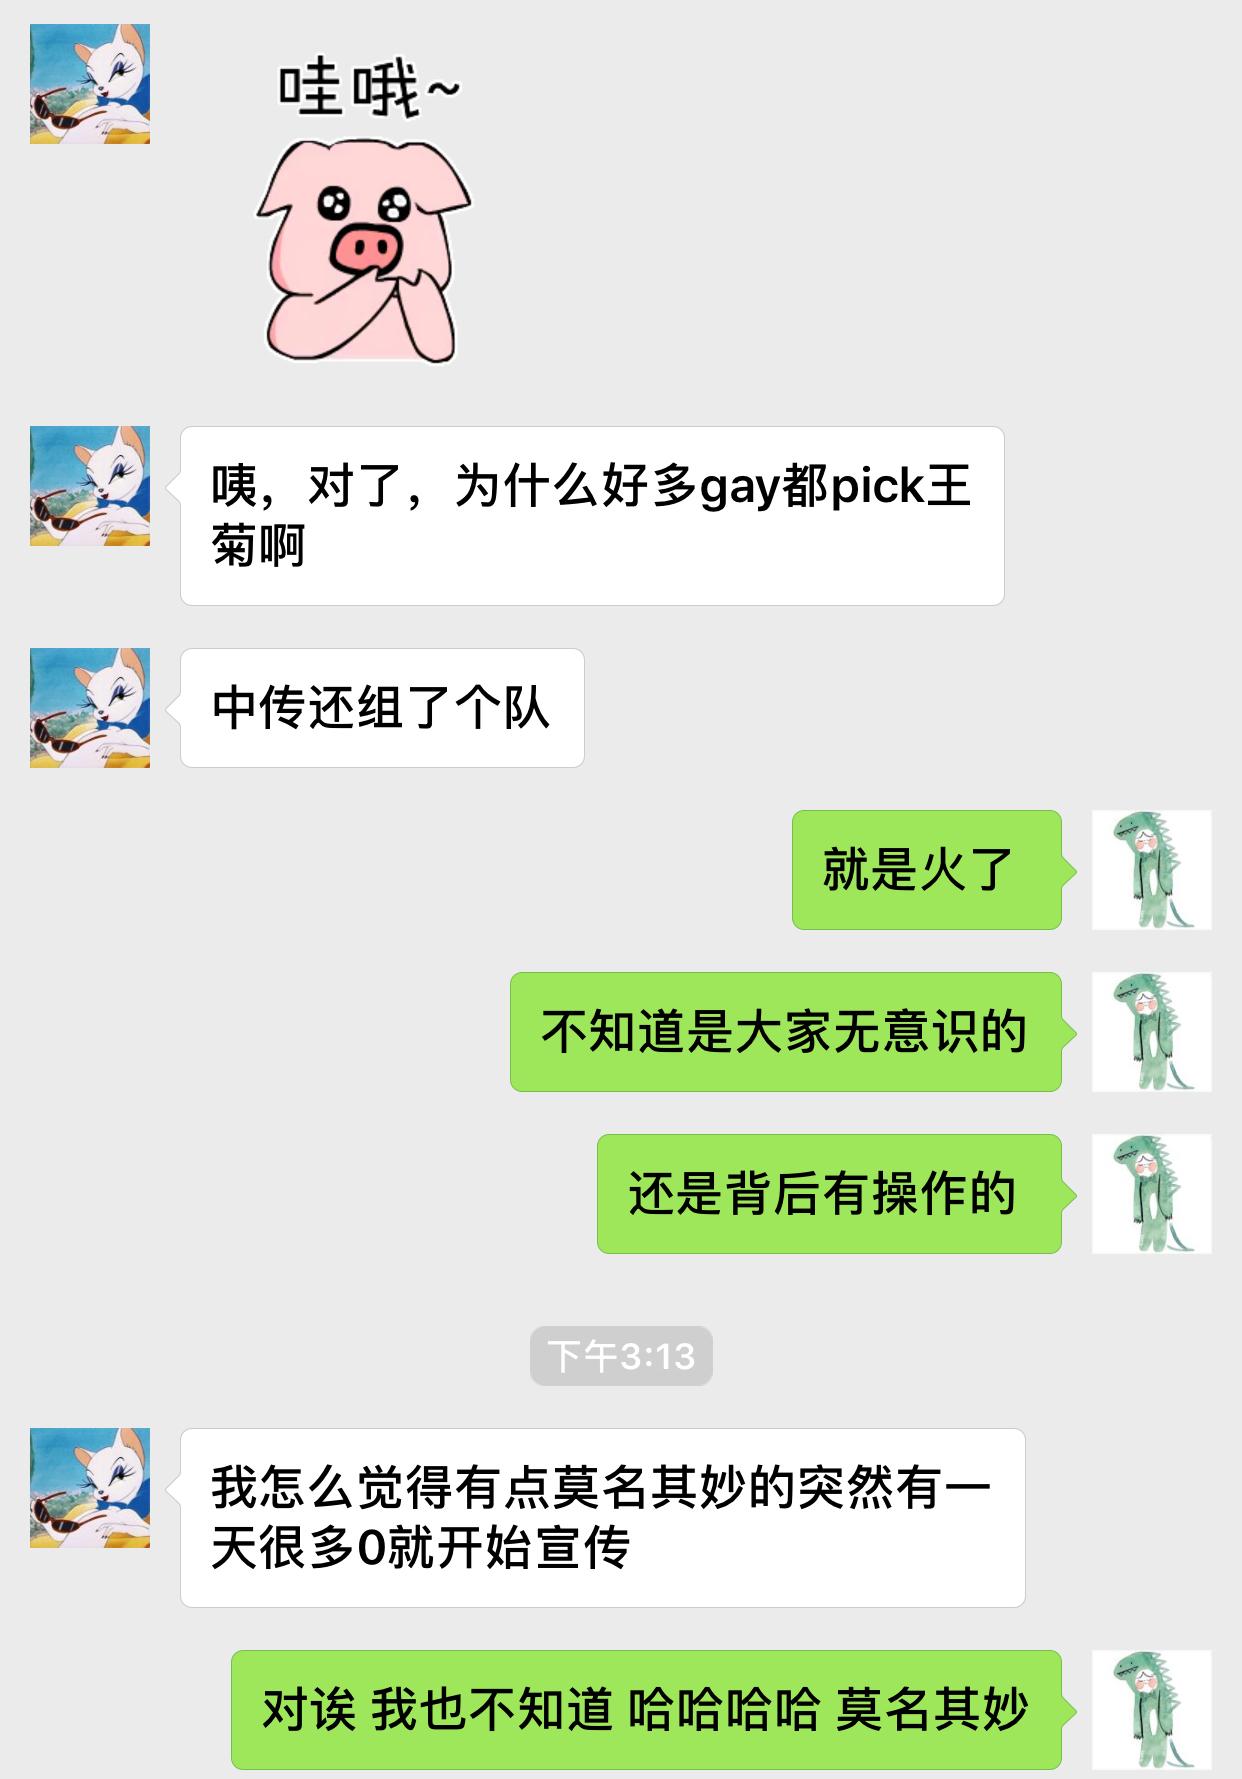 王菊26岁做练习生爆火,你还不努力吗?